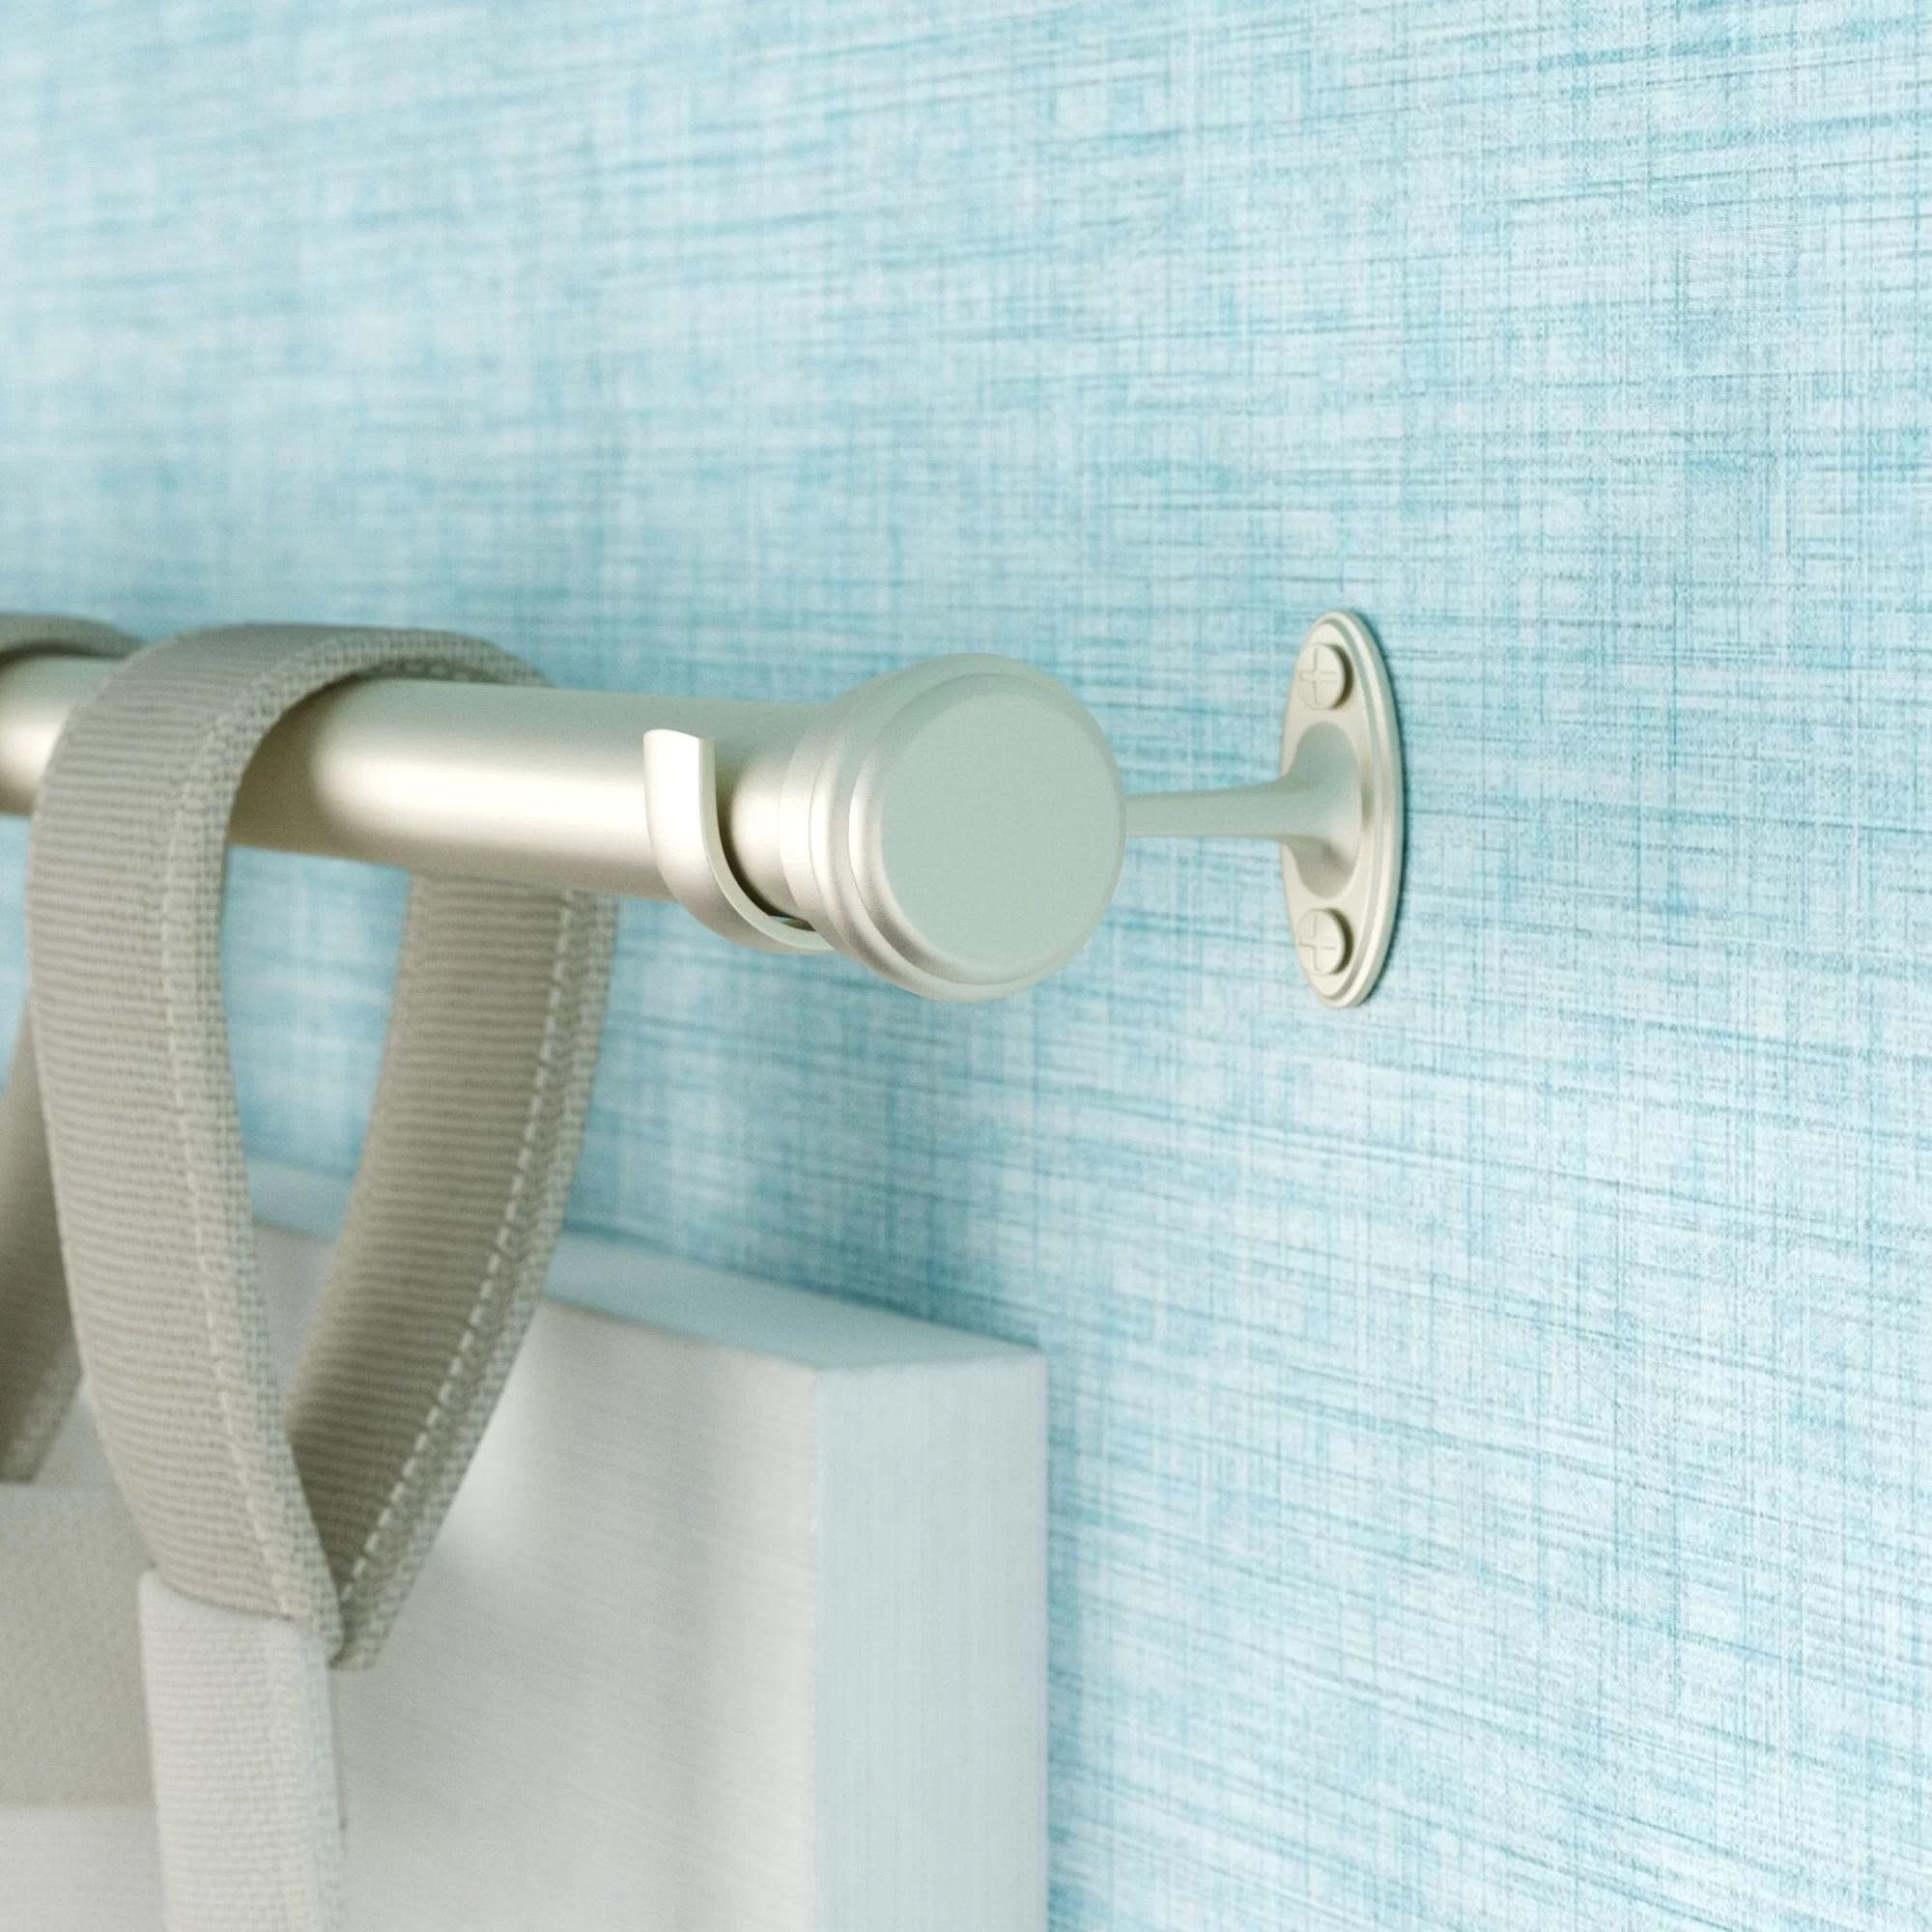 3 inch rod curtain hardware